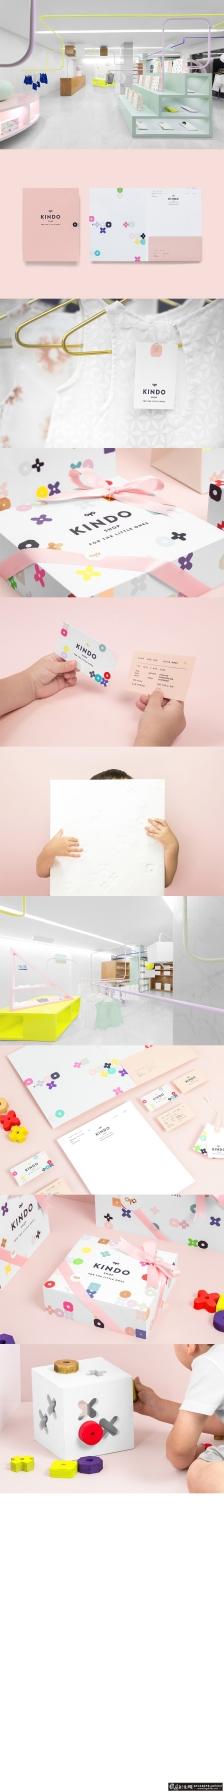 可爱卡通品牌设计 卡通元素 儿童用品VI设计 床单图案 小清新产品VI 小碎花 色子玩具